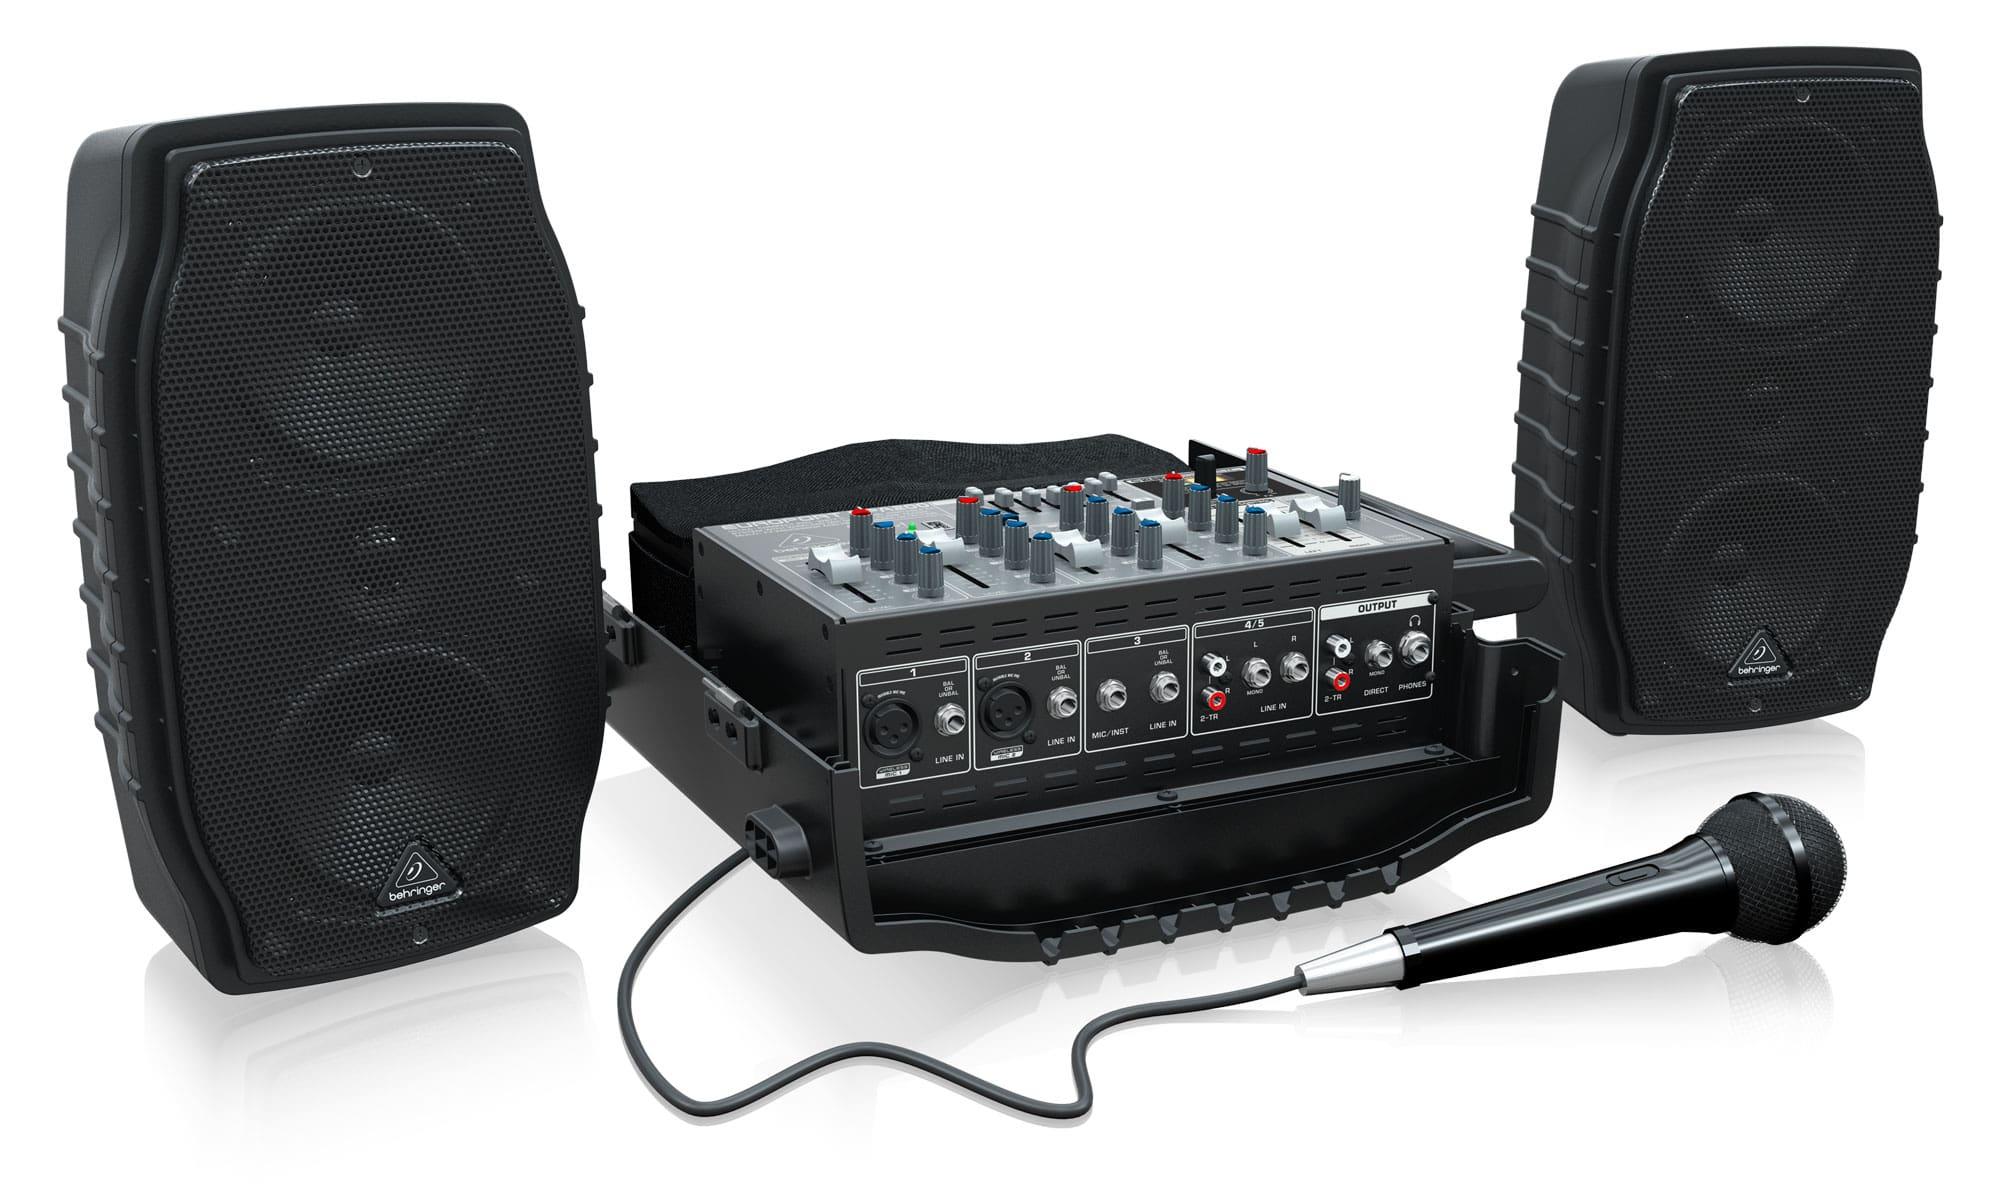 Boxenkomplettanlagen - Behringer PPA200 Kompakt PA System - Onlineshop Musikhaus Kirstein